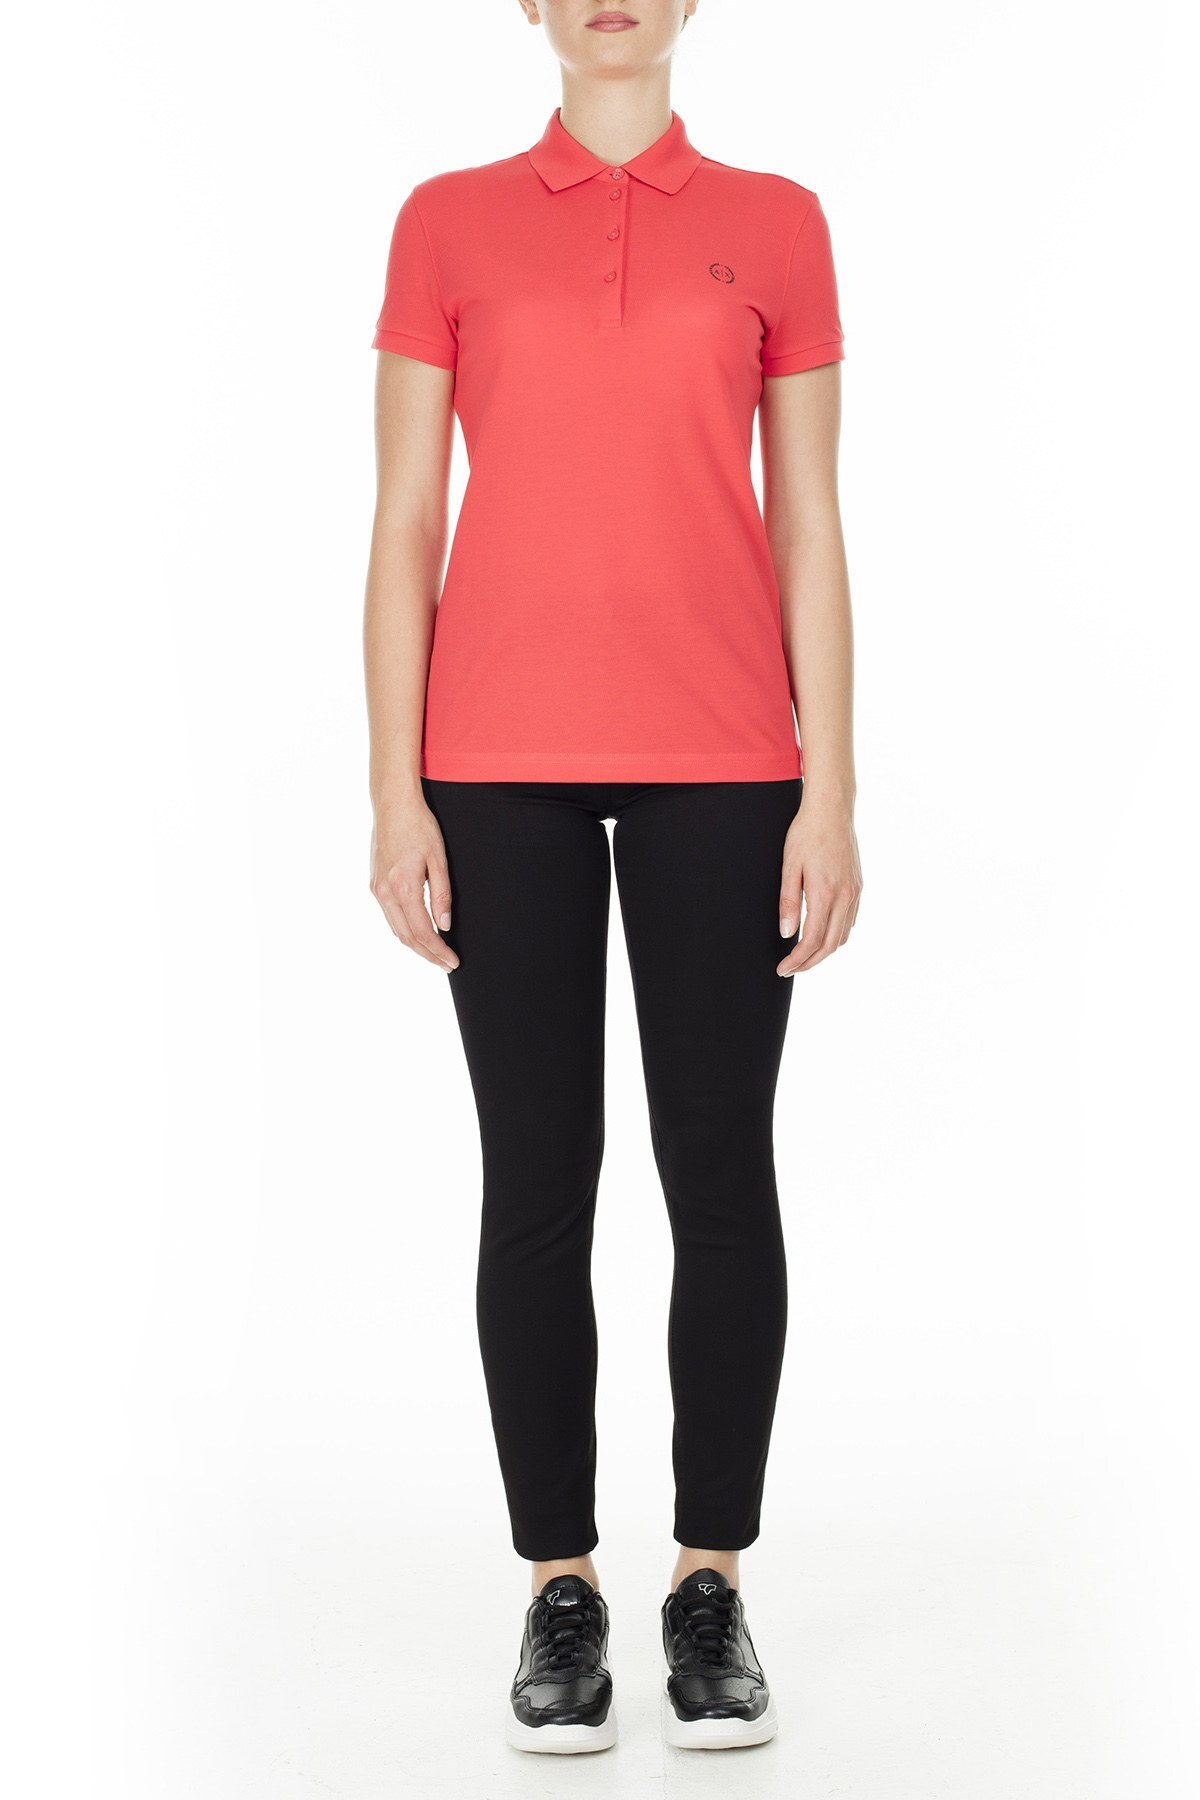 Armani Exchange T Shirt Bayan Polo 8NYF73 YJ17Z 1476 MERCAN